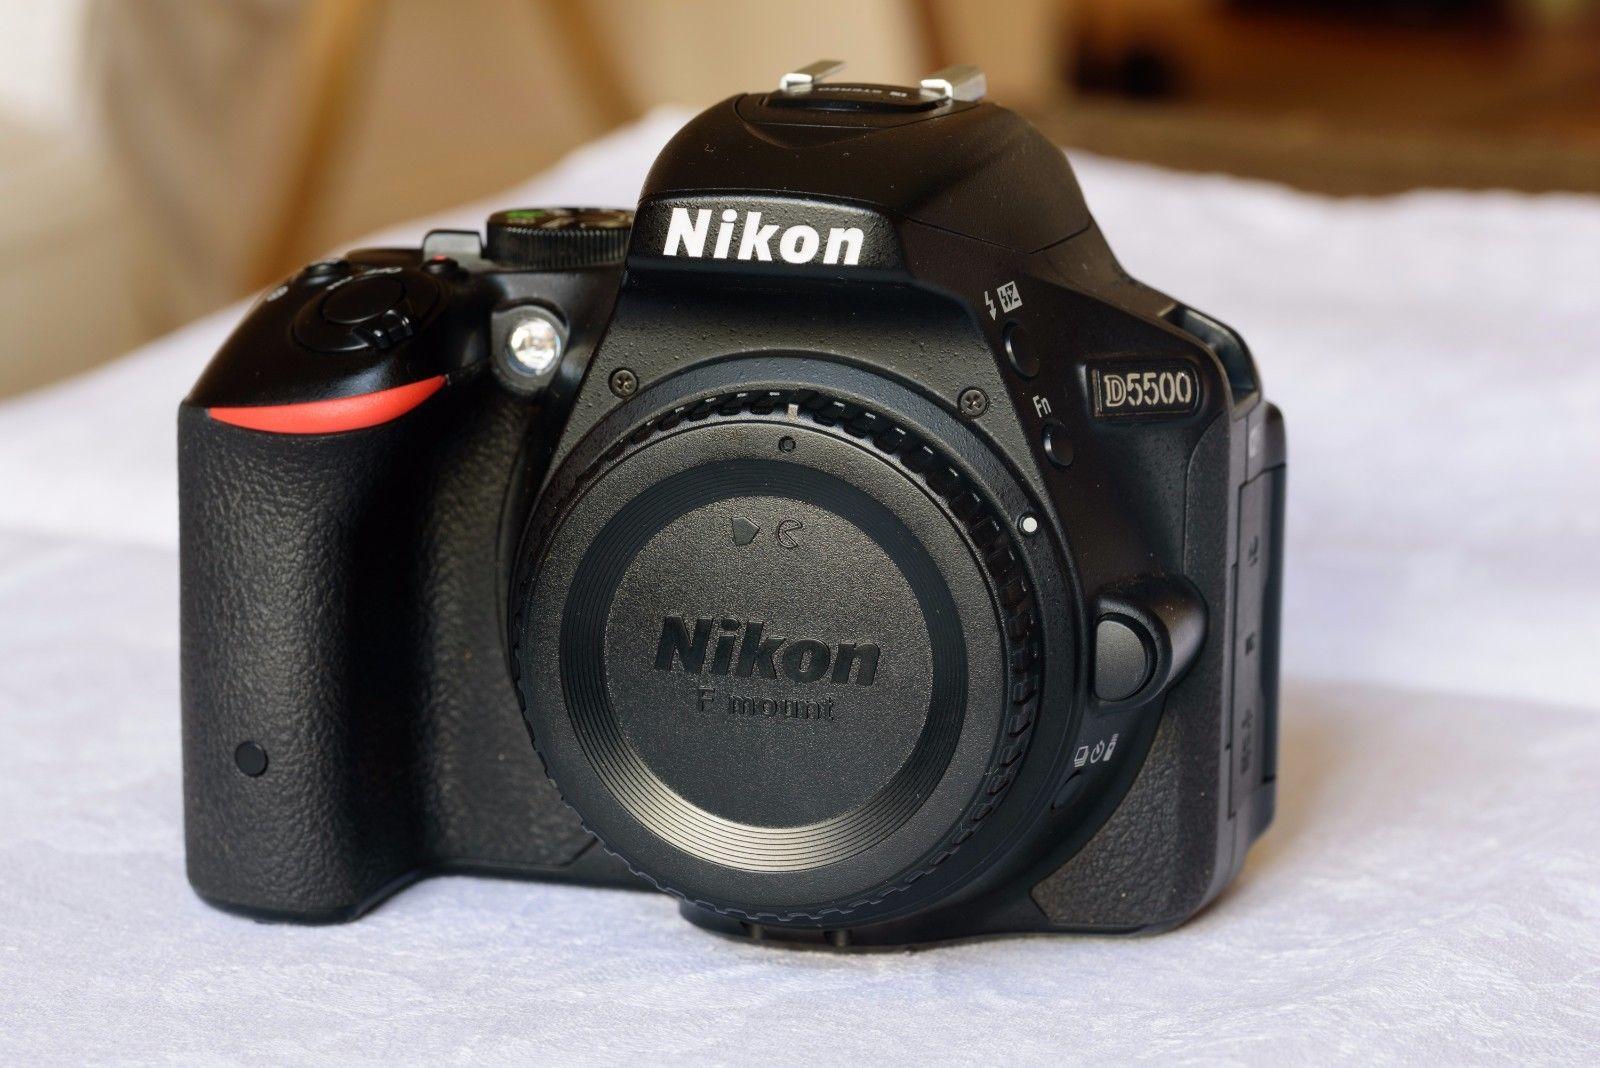 Nikon D5500 DSLR (24,2MP), OVP, neuwertig, 2915 Auslösungen, Restgewährleistung